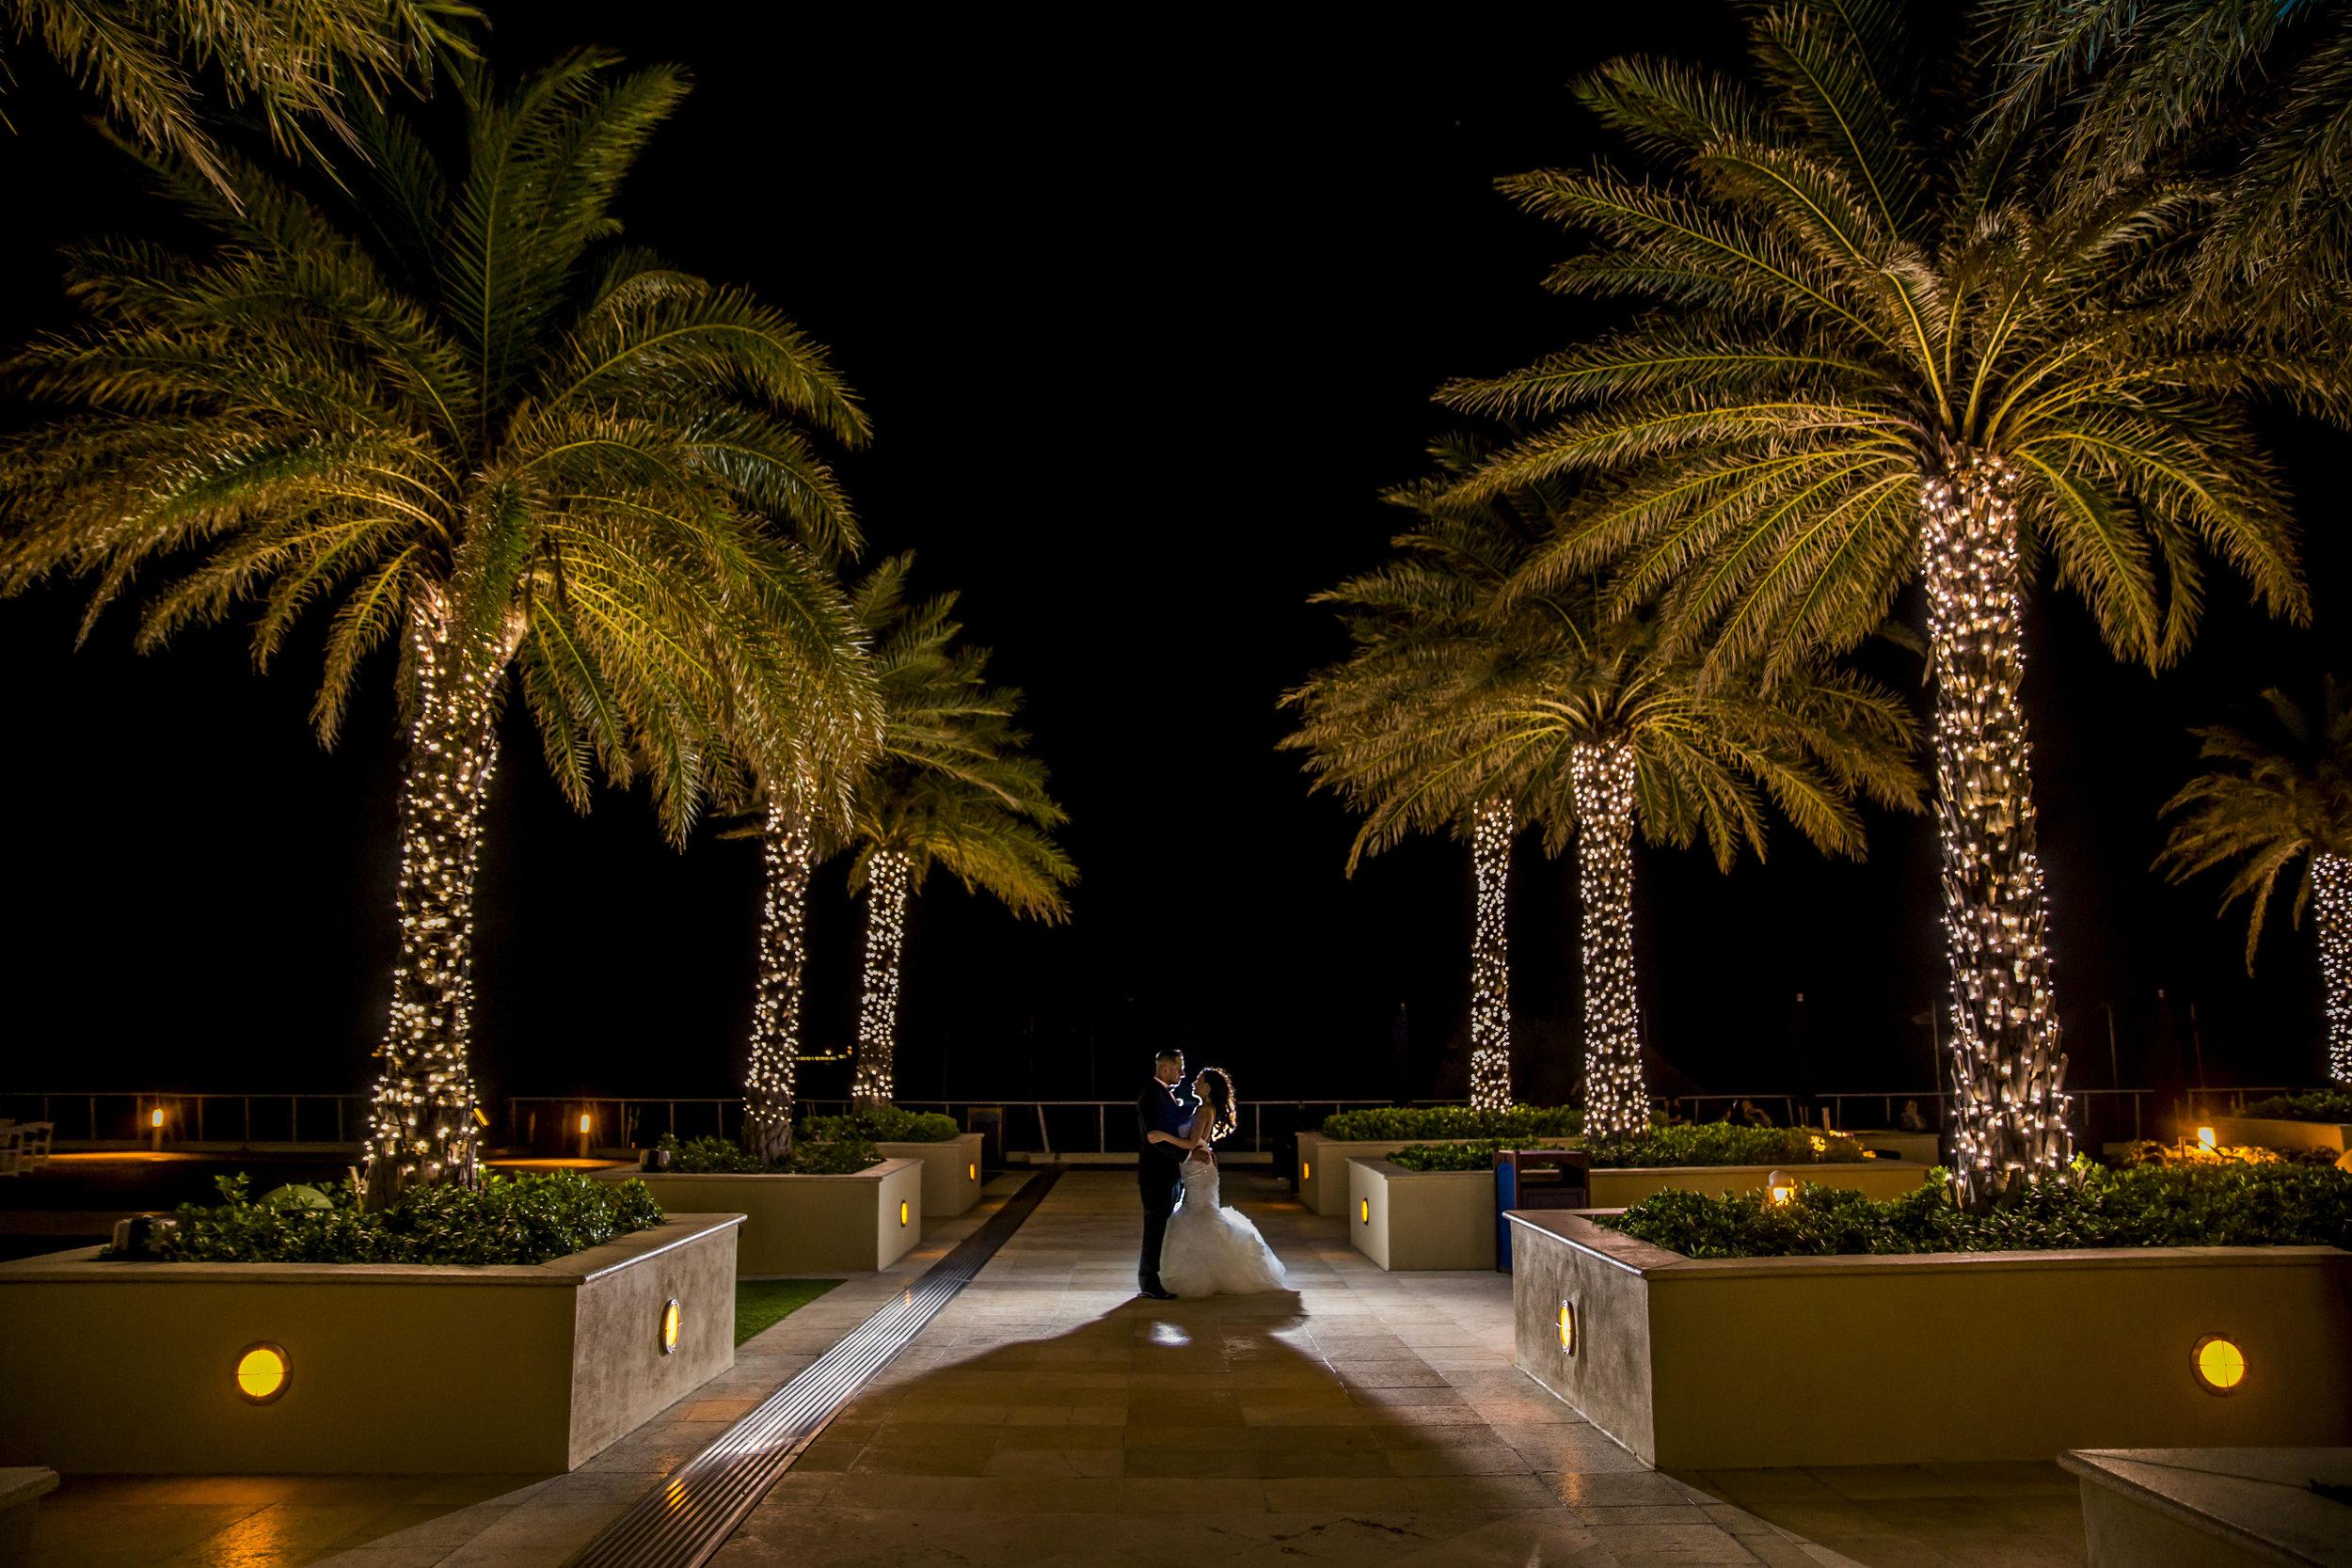 pam-jason-wedding-sneak-peek-010117.jpg